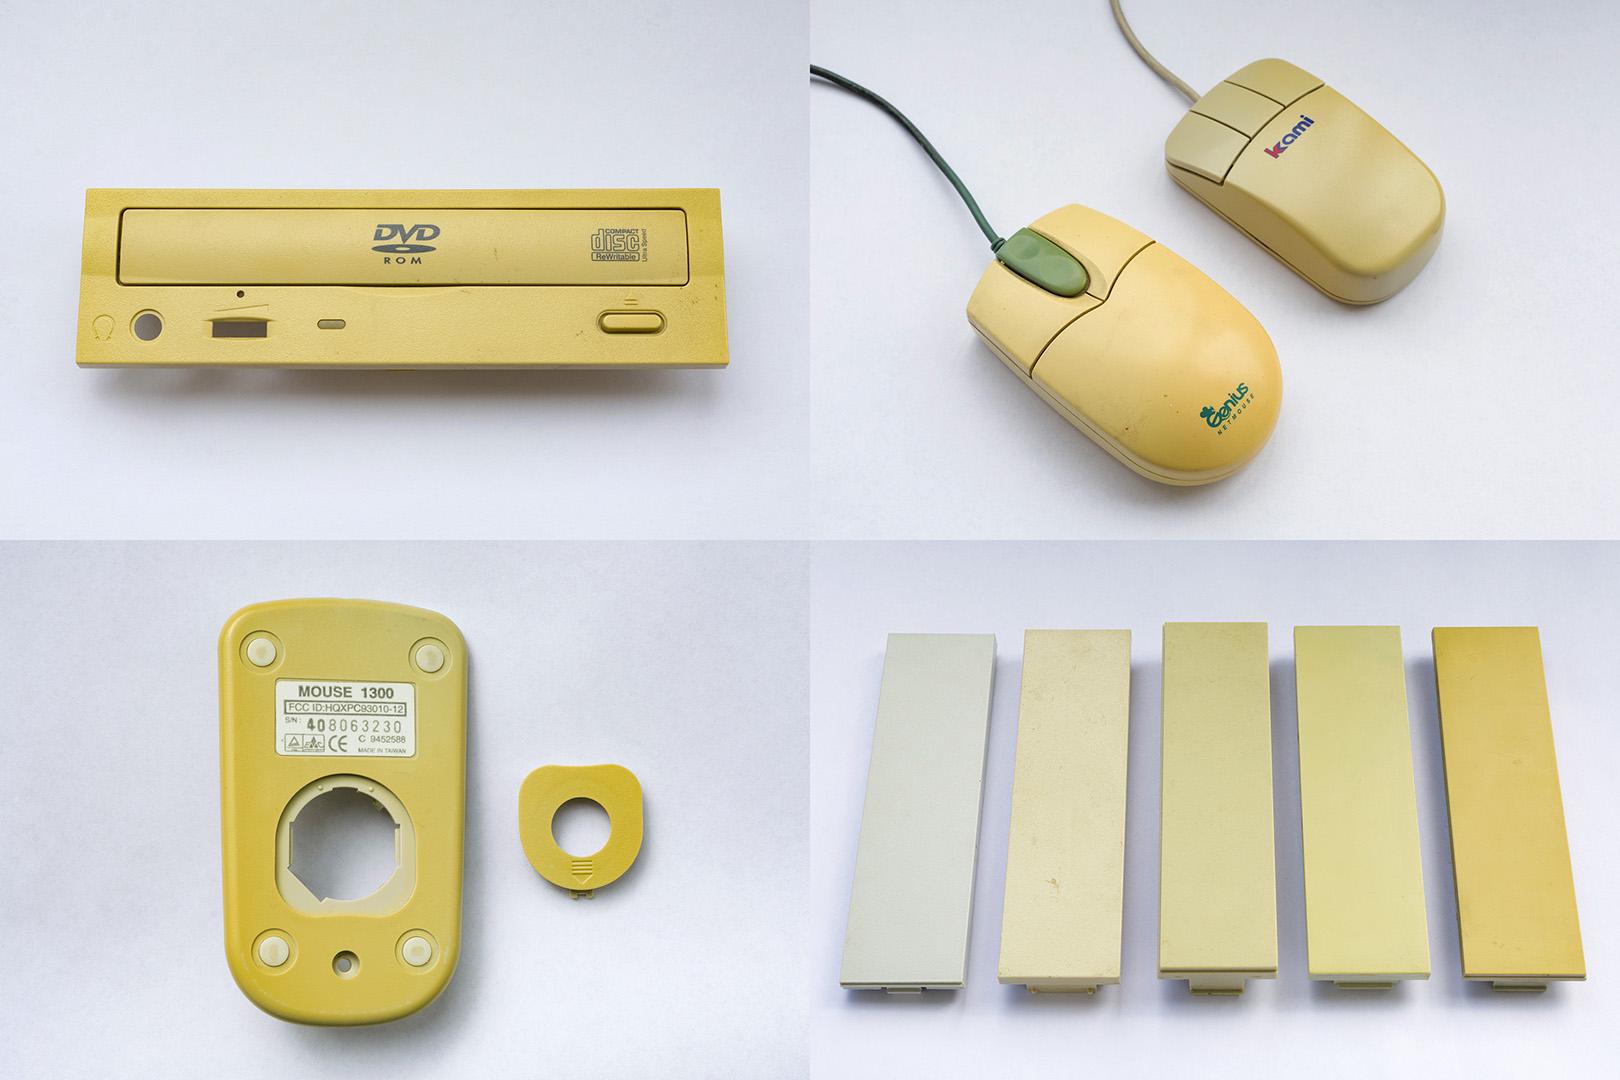 50 оттенков жёлтого. Проверяем на практике технологию Retrobright - 1